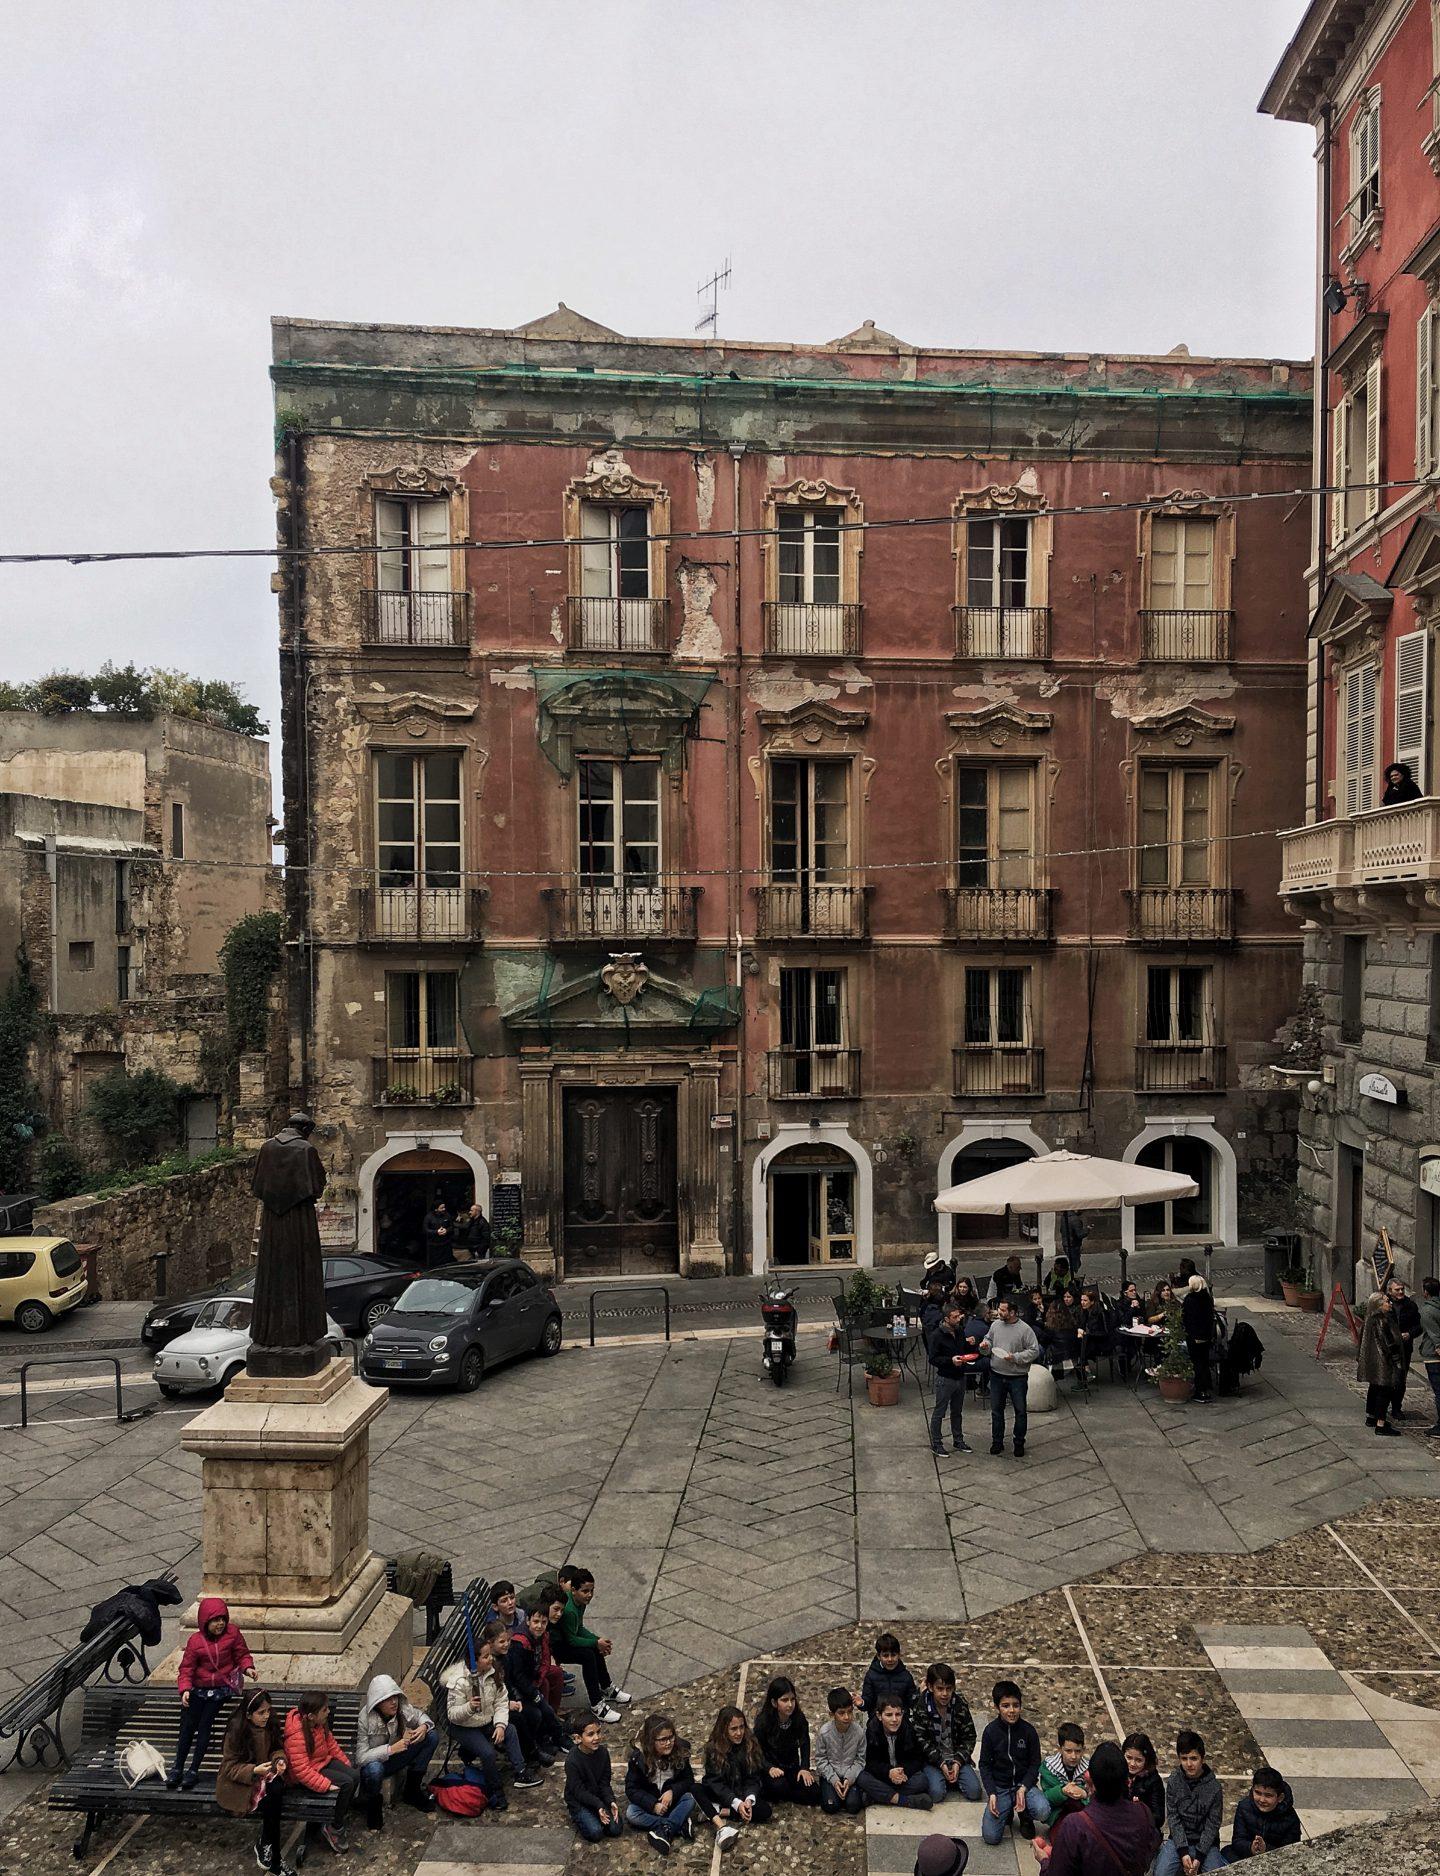 Piazza Carlo Alberto, Cagliari, Sardinia